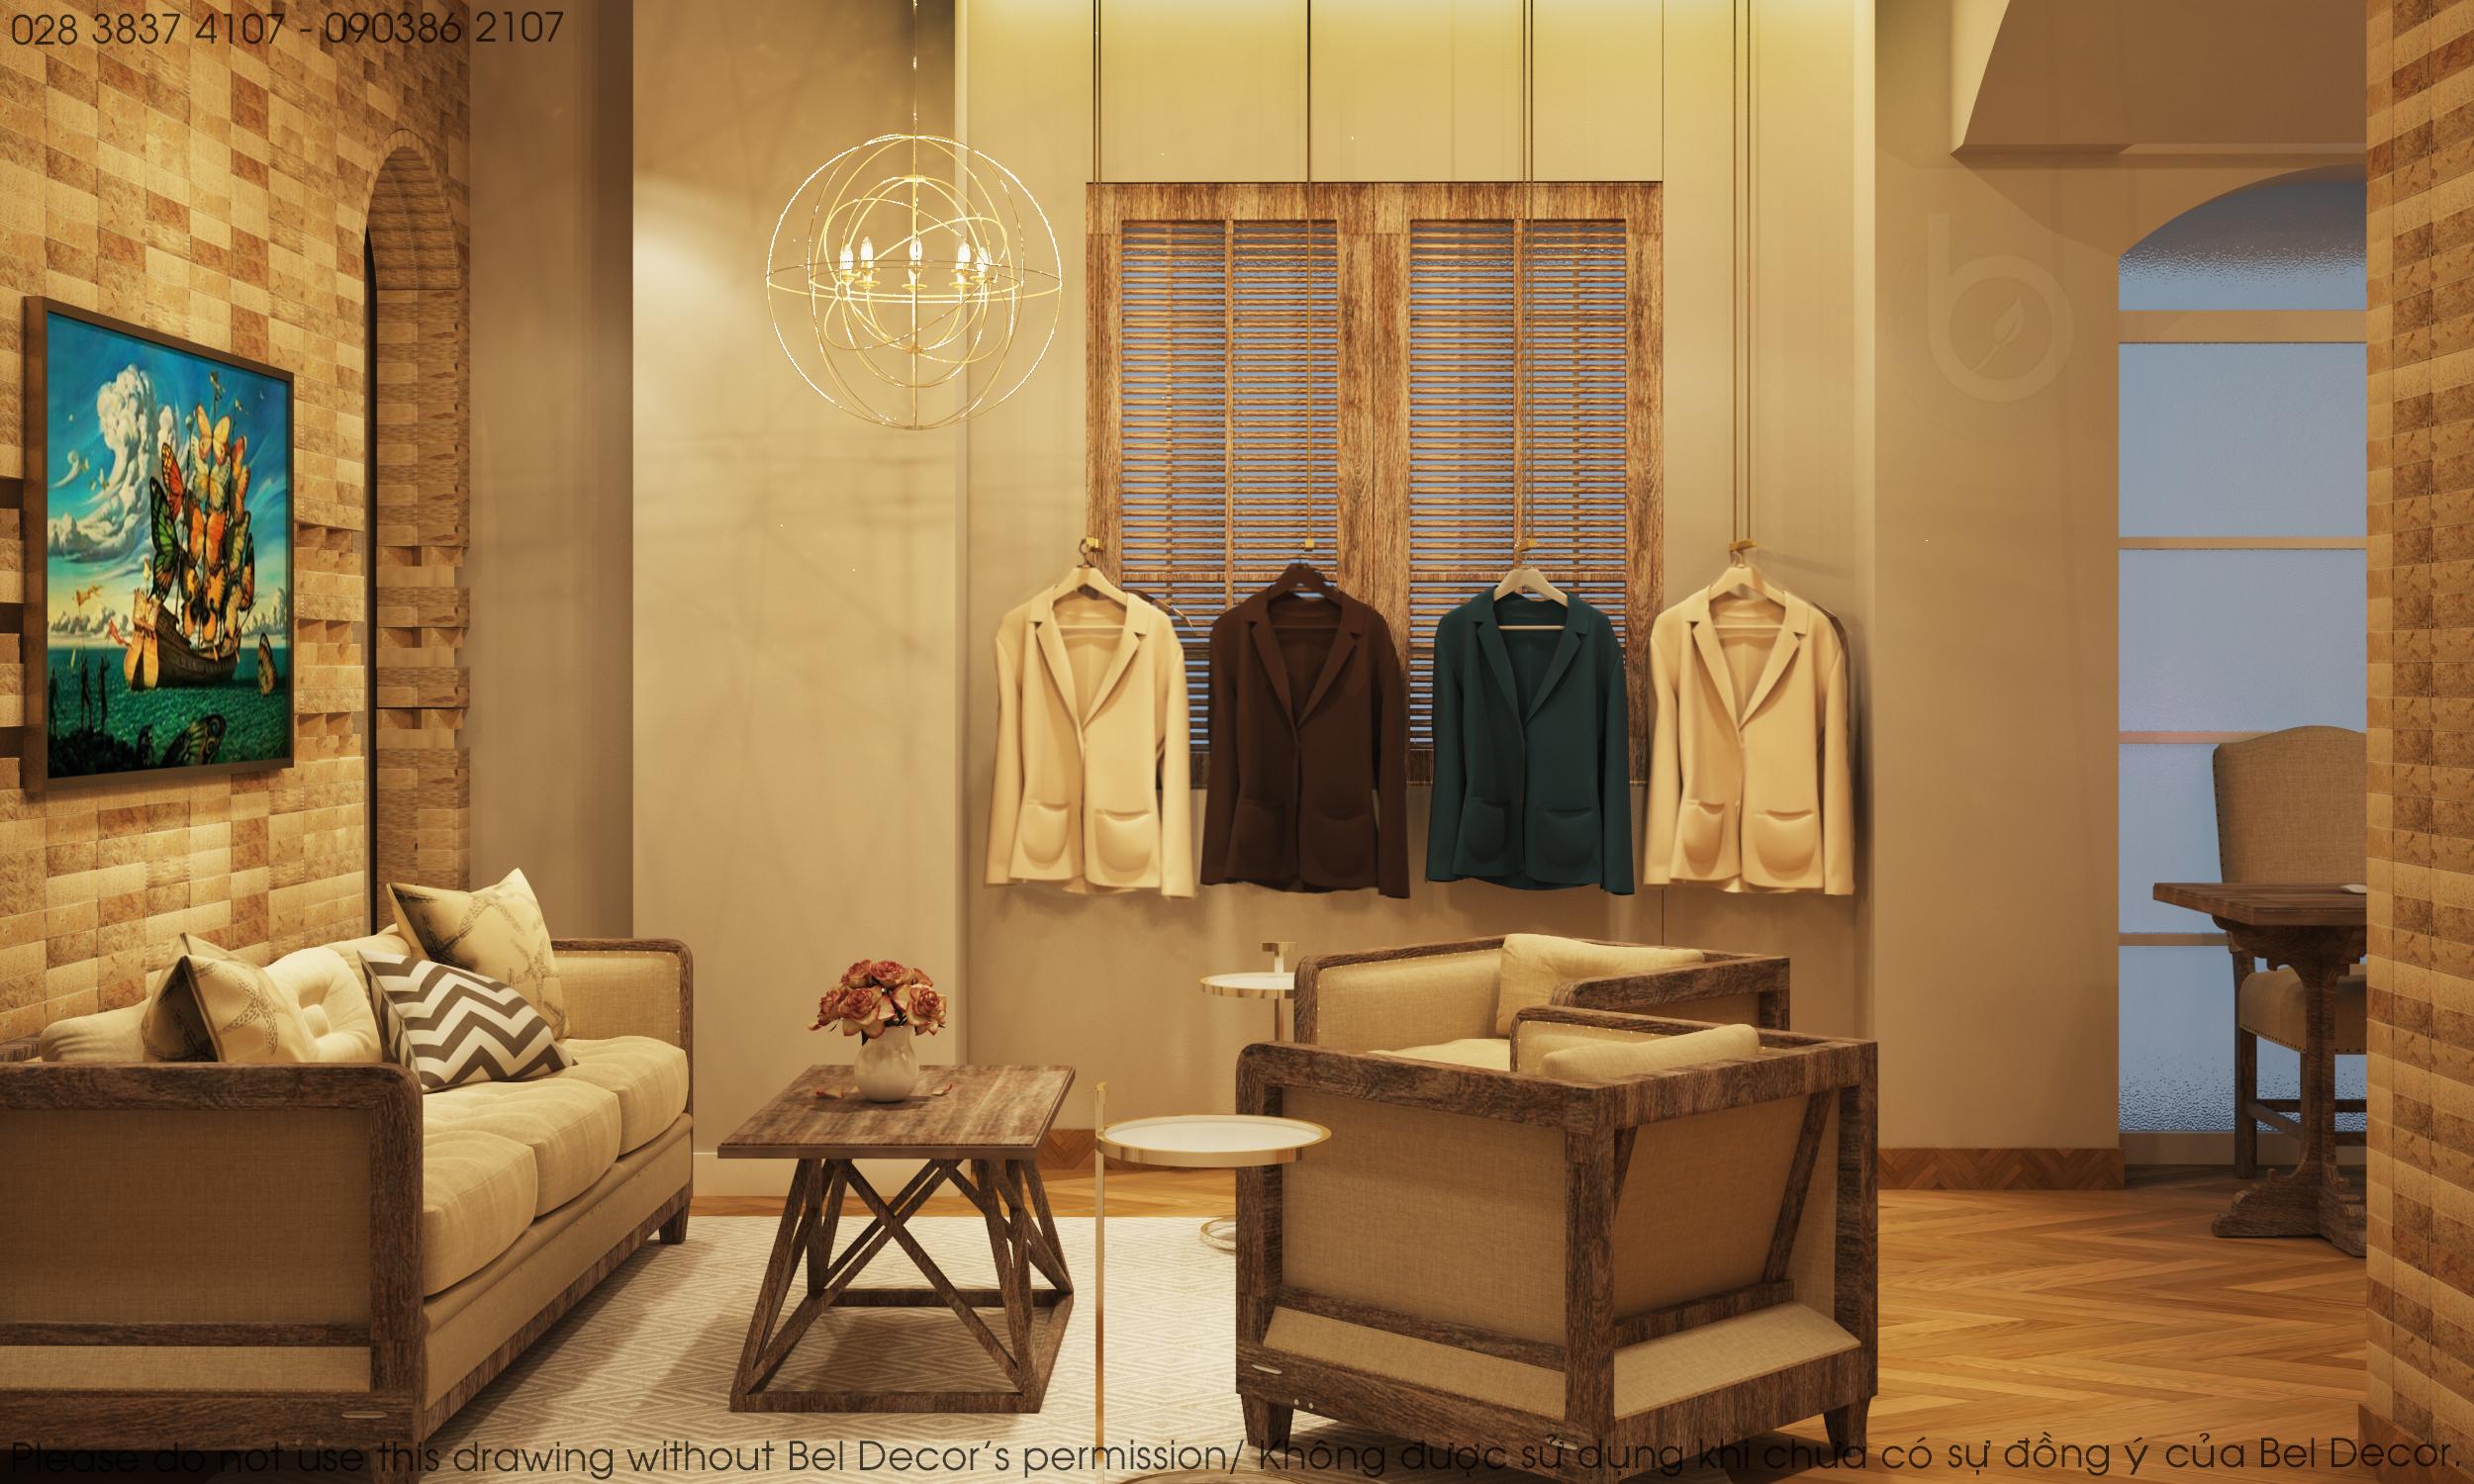 thiết kế nội thất Shop tại Hồ Chí Minh Thiết kế nội - ngoại thất Fashion Shop Antonio 3 1537428731